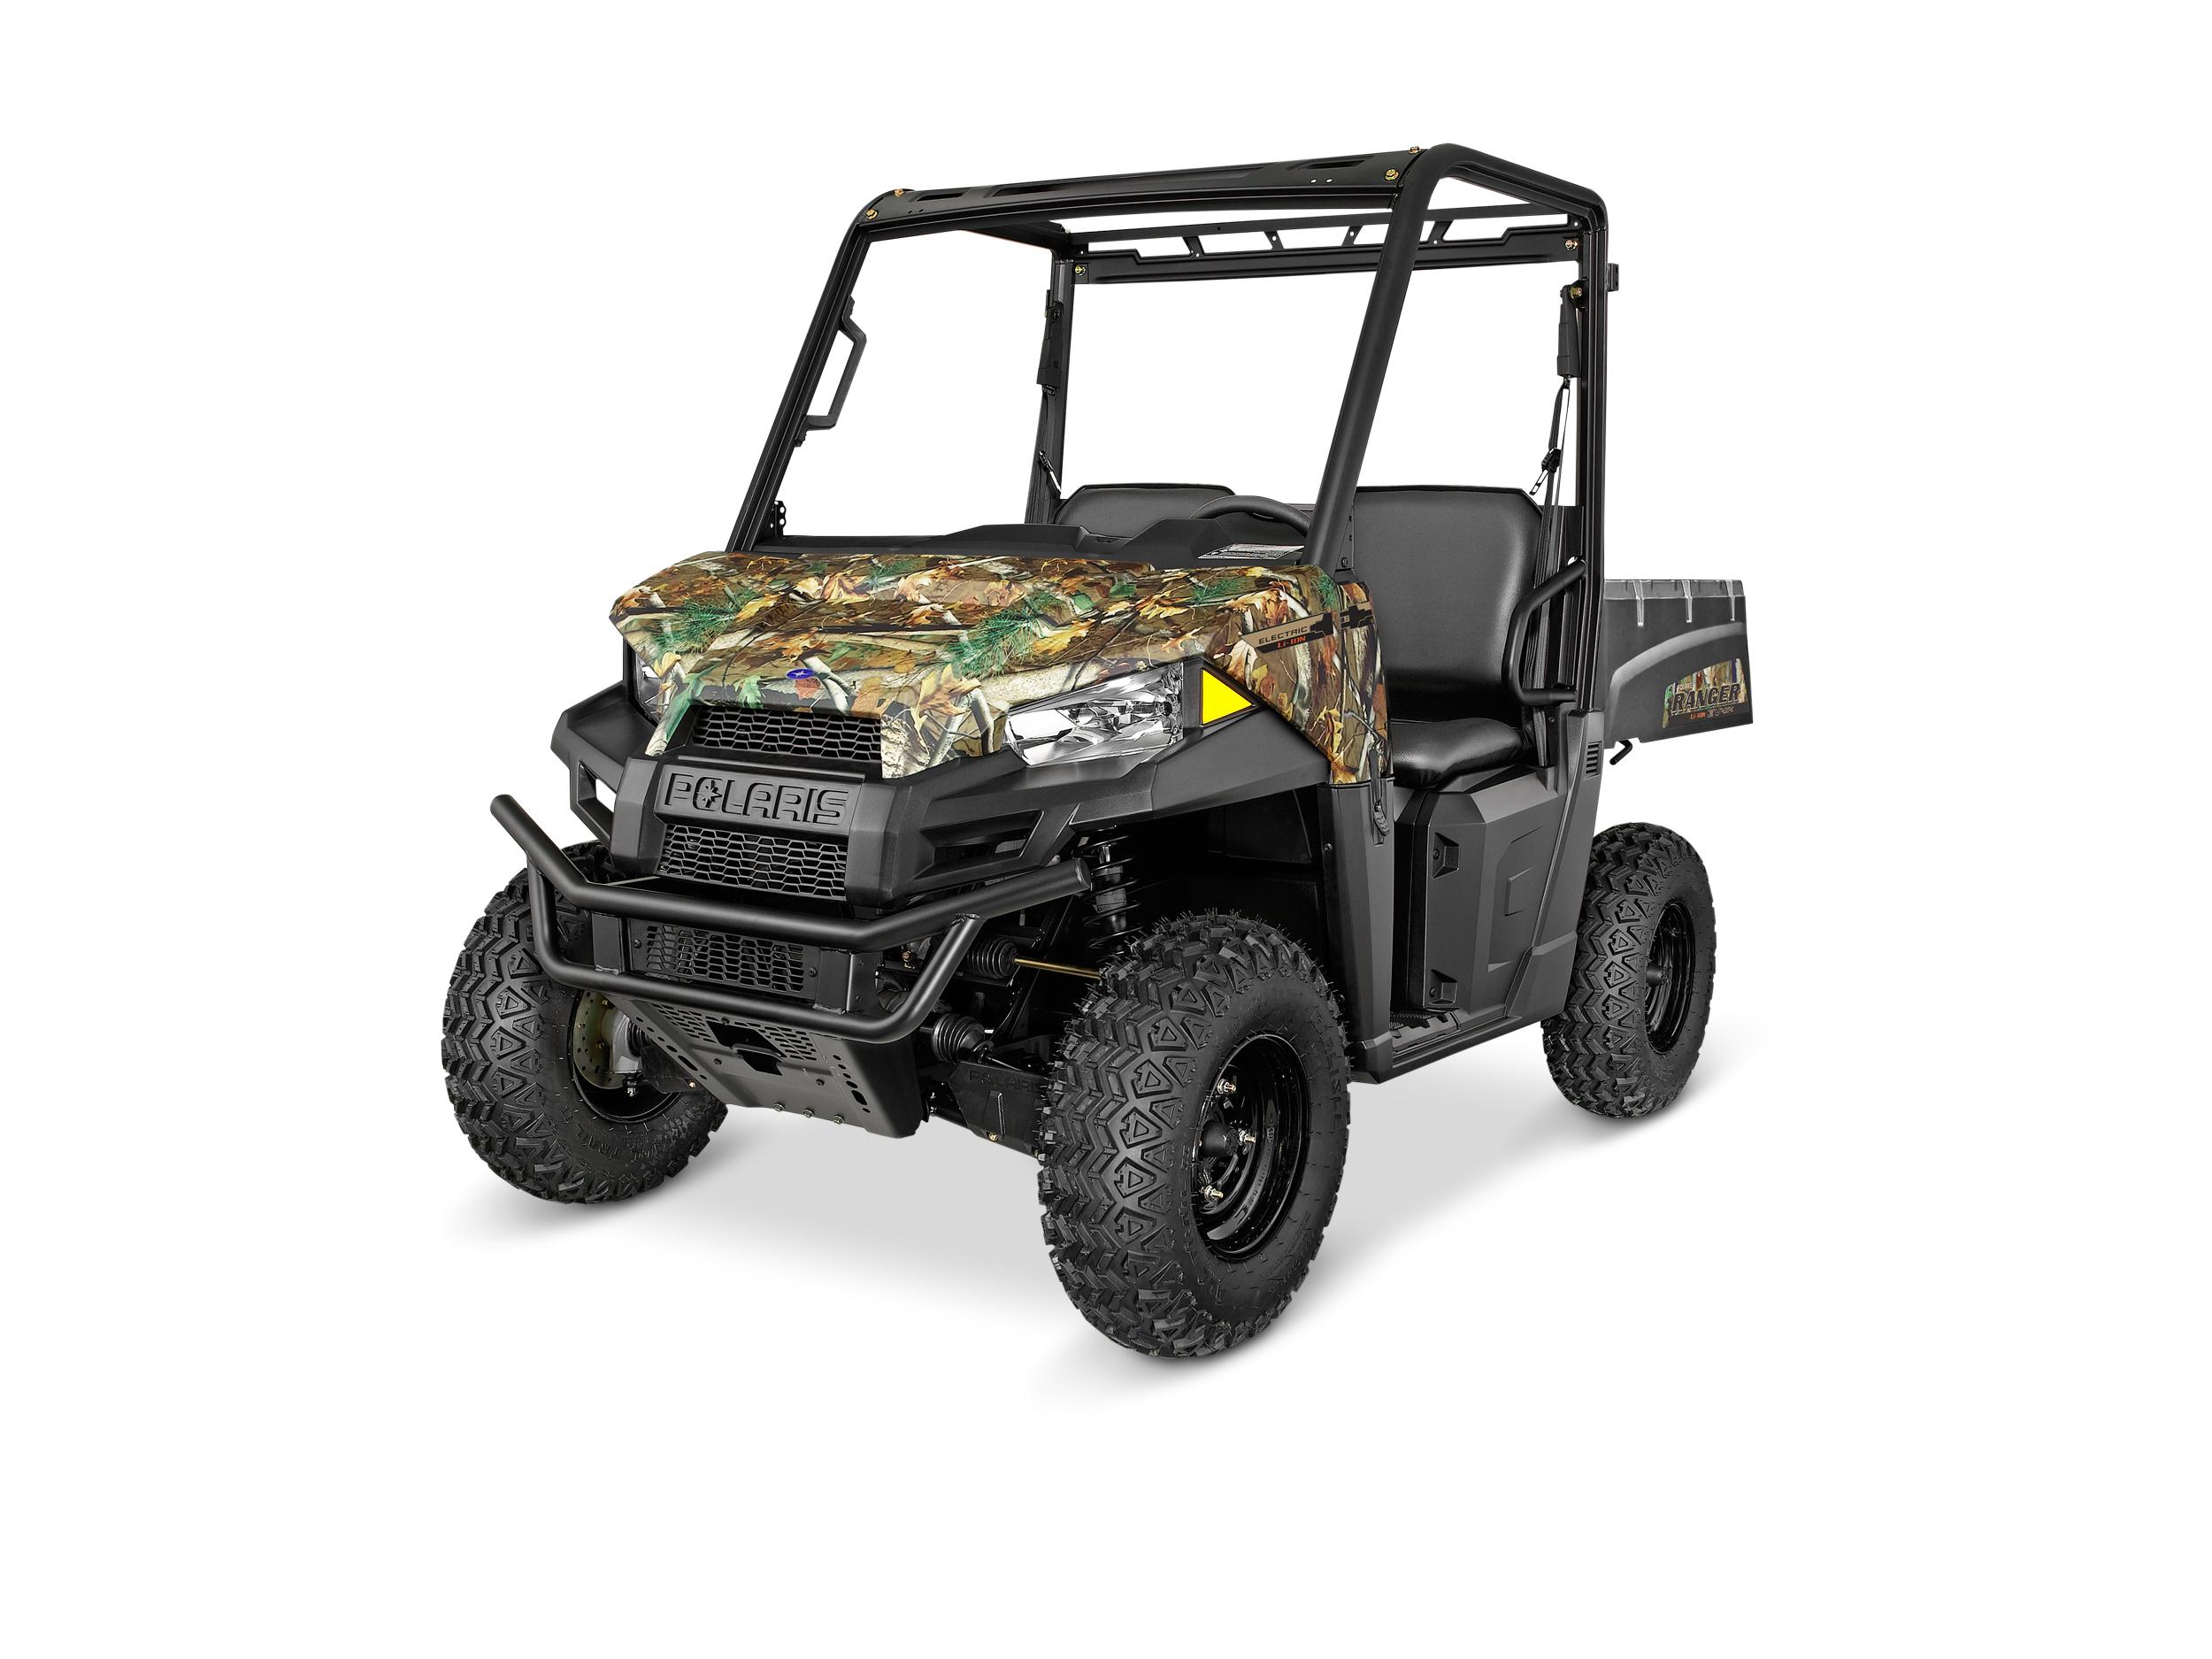 Ranger EV Li-Ion Pursuit Camo